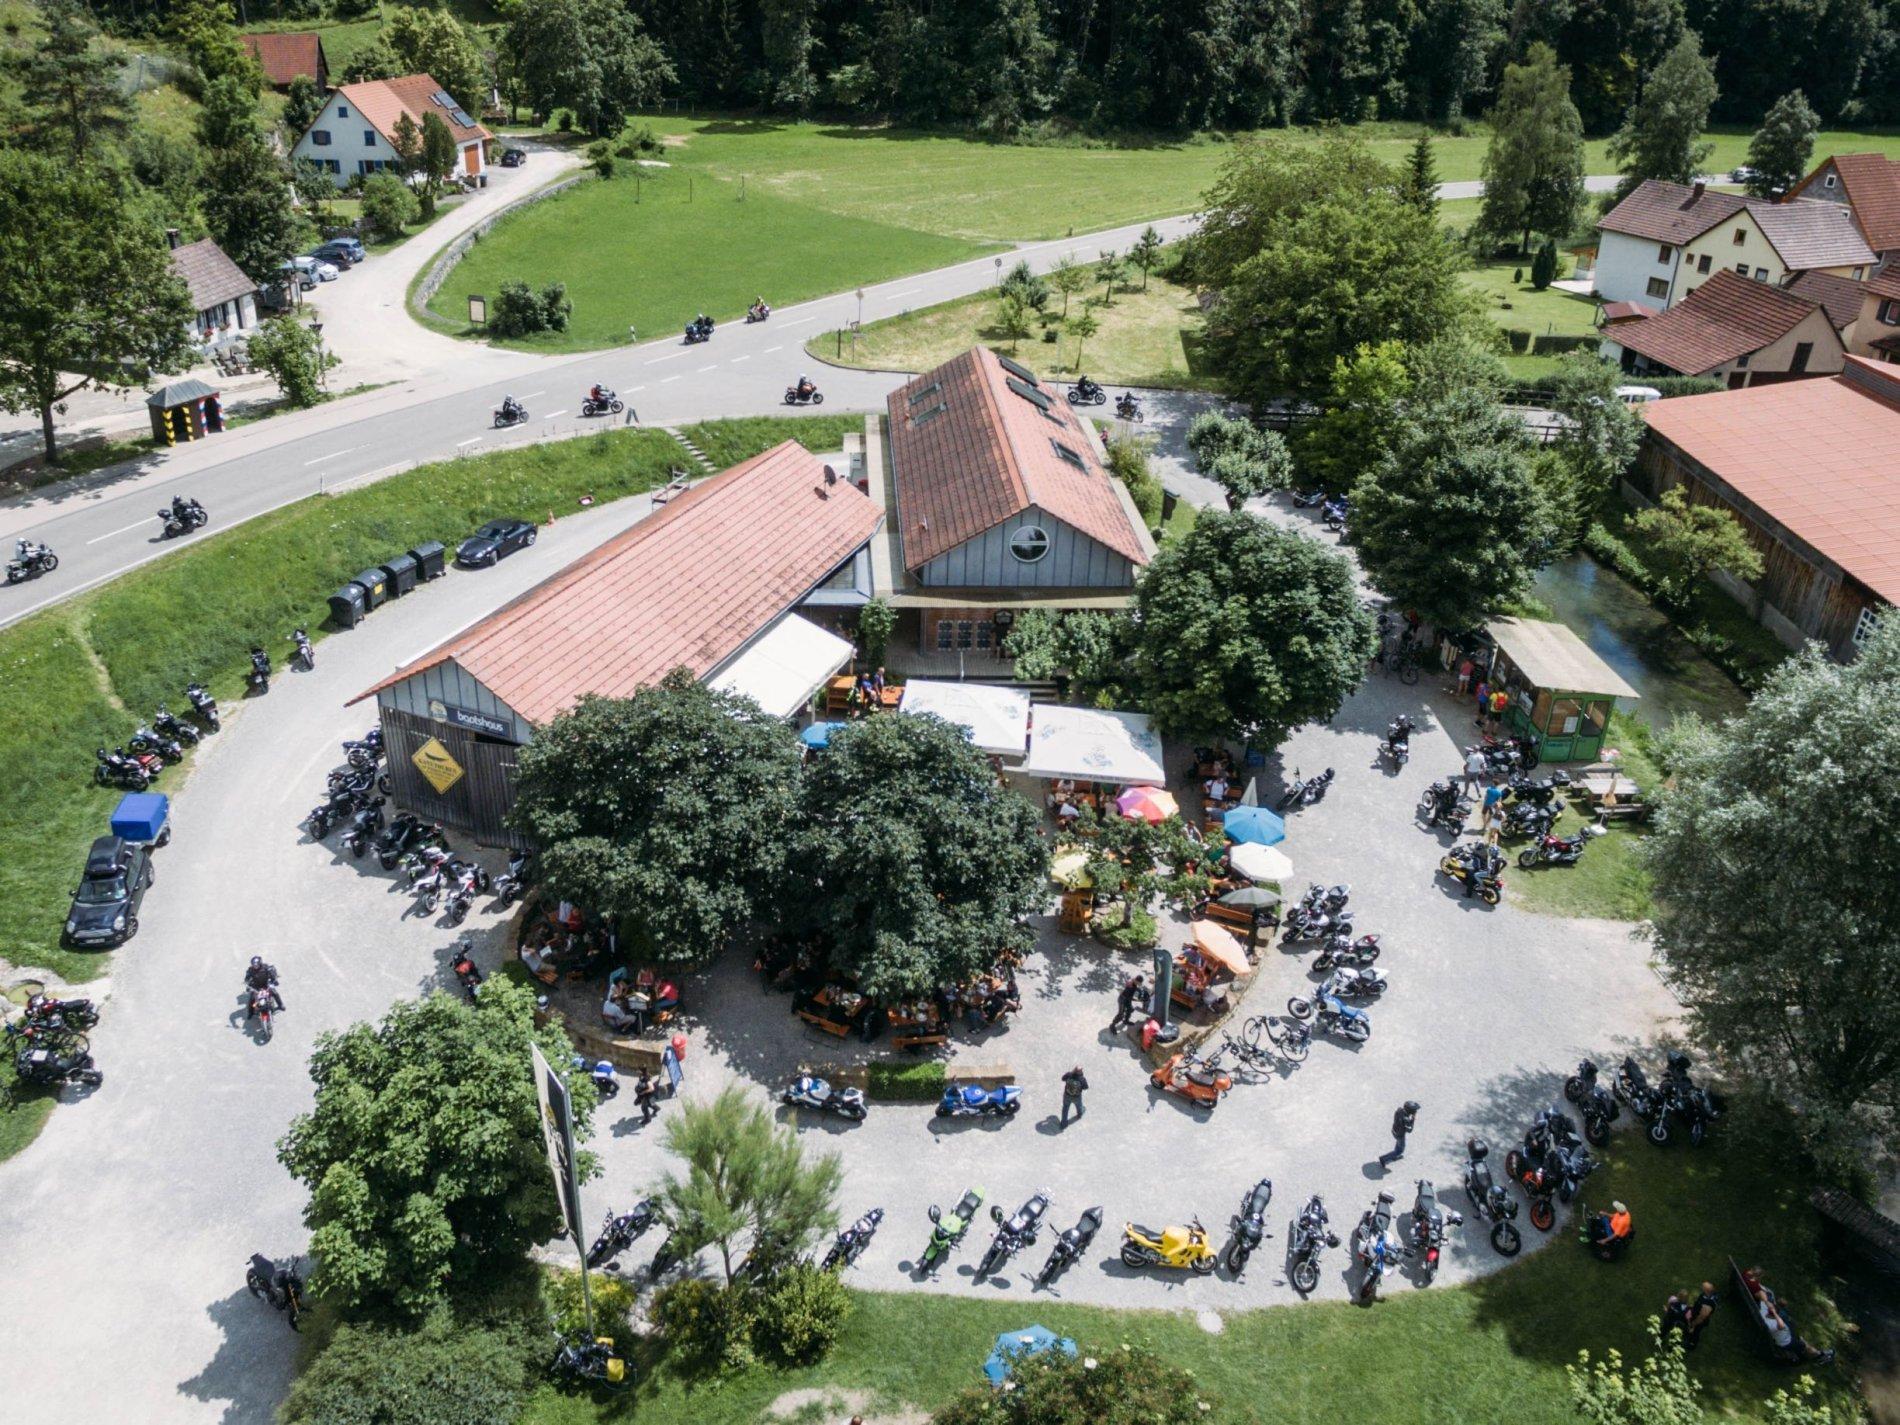 Bootshaus von oben. Auf dem Parkplatz stehen Personen und Motorräder.